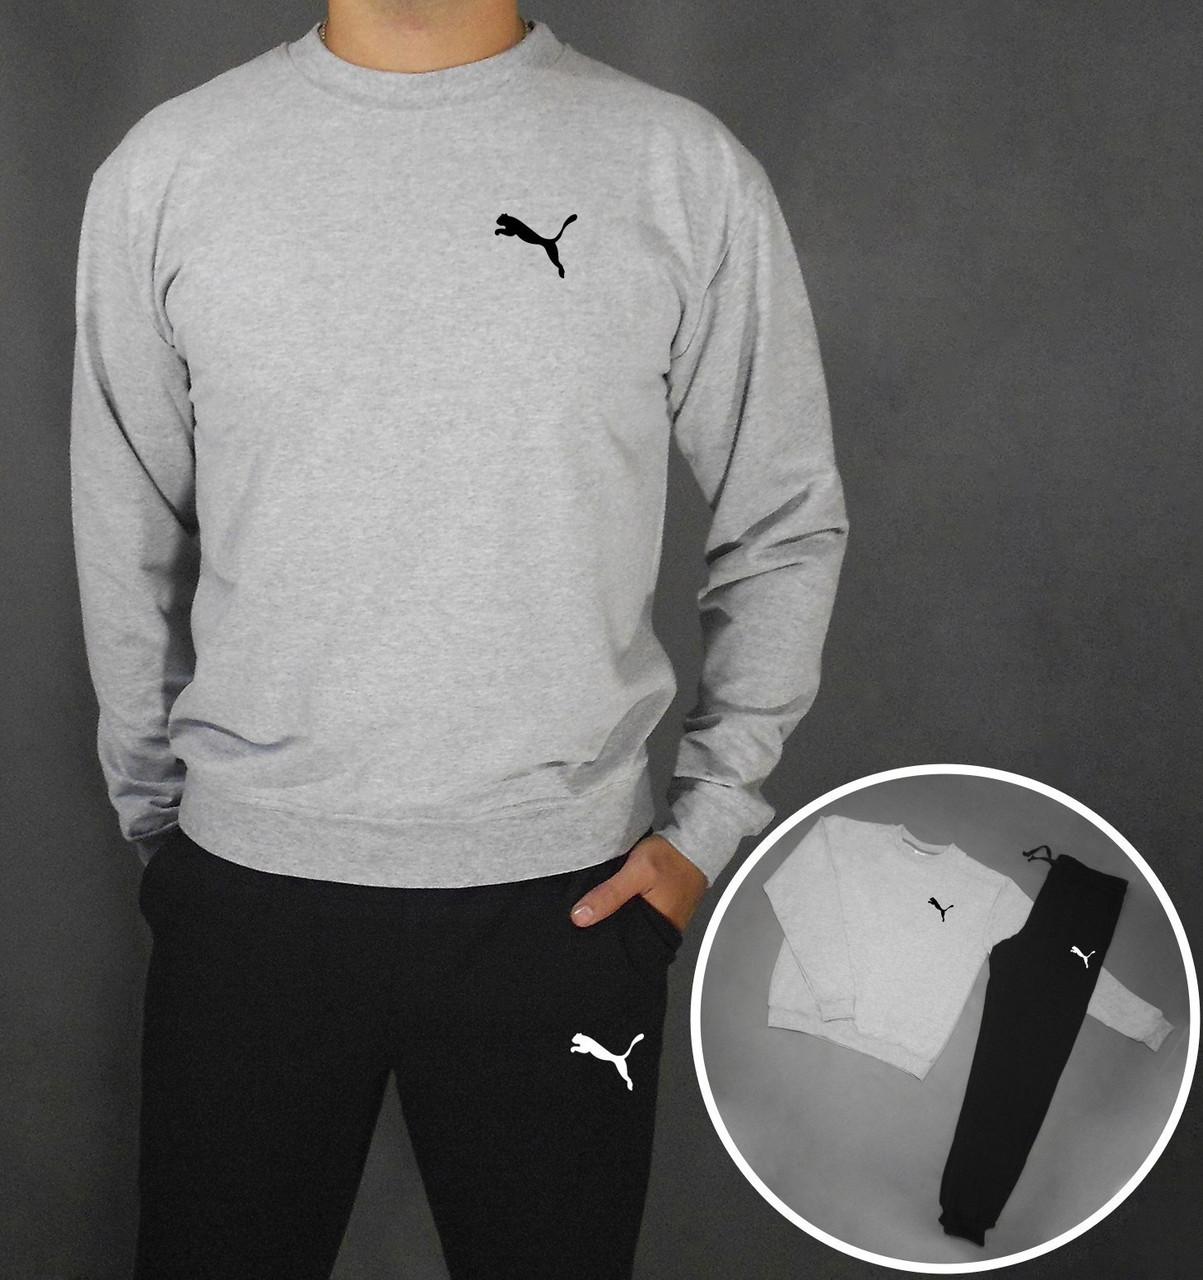 Мужской спортивный костюм Puma серо-черный топ реплика - Интернет-магазин  обуви и одежды 30f6fd568d1